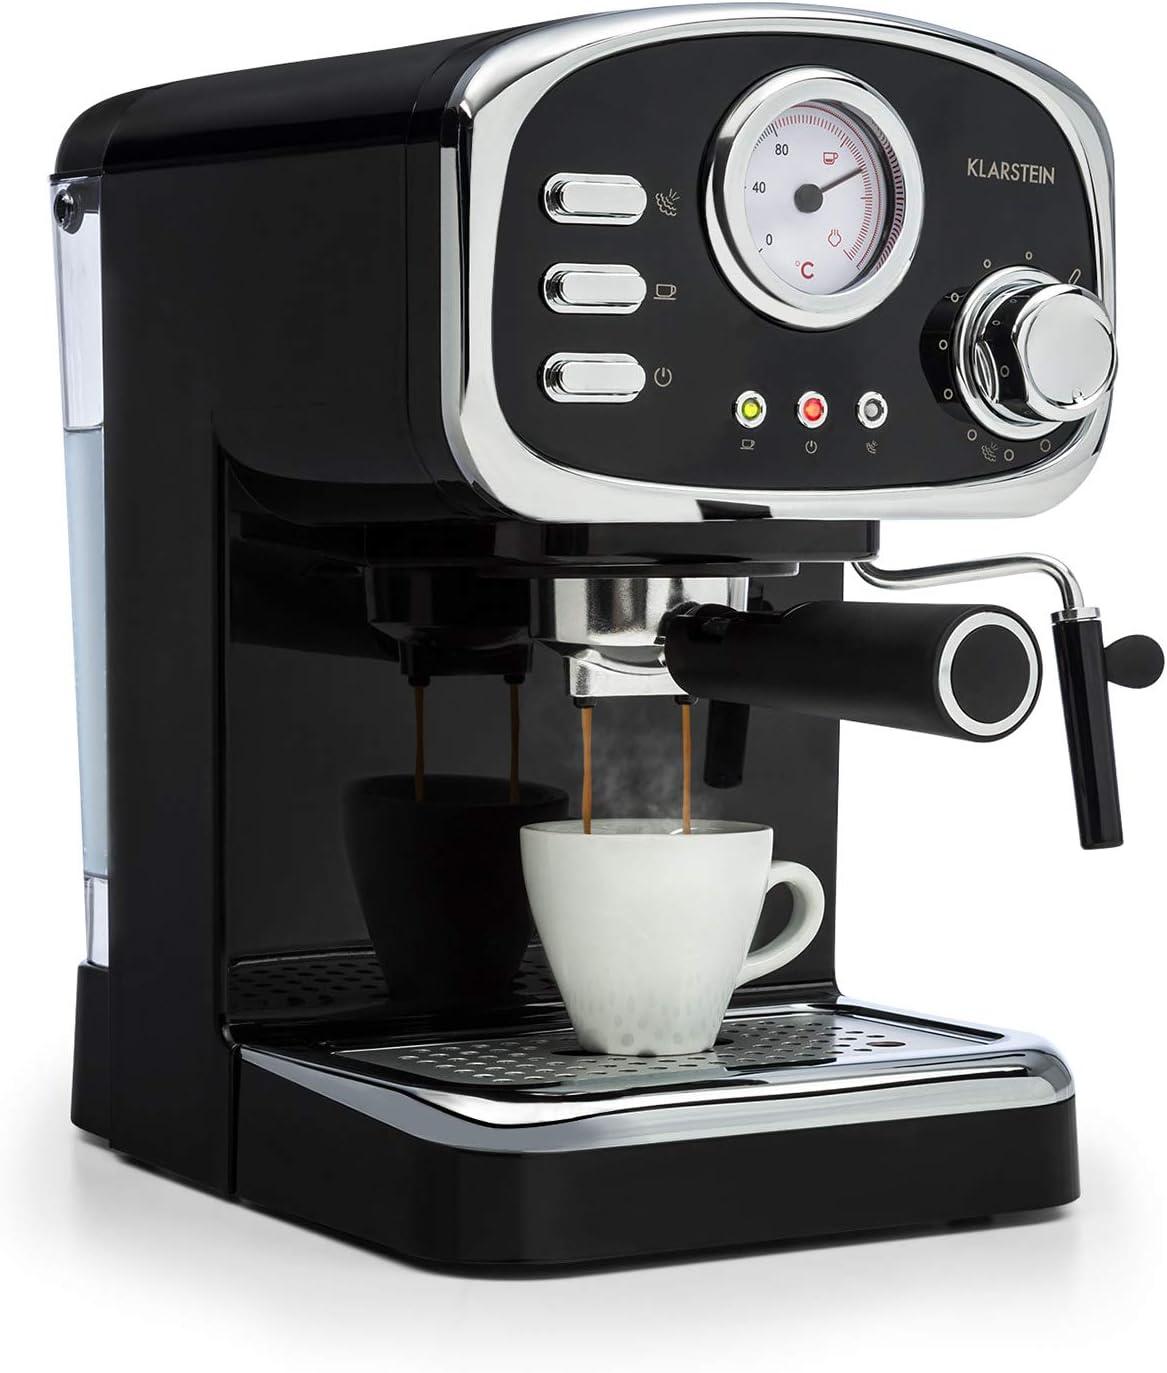 Klarstein Espressionata Gusto - Cafetera espresso, 1100 W de potencia, Presión de 15 bares, Depósito de agua de 1,25 litros, Boquilla de vapor, Termómetro, Bandeja de goteo extraíble, Negro